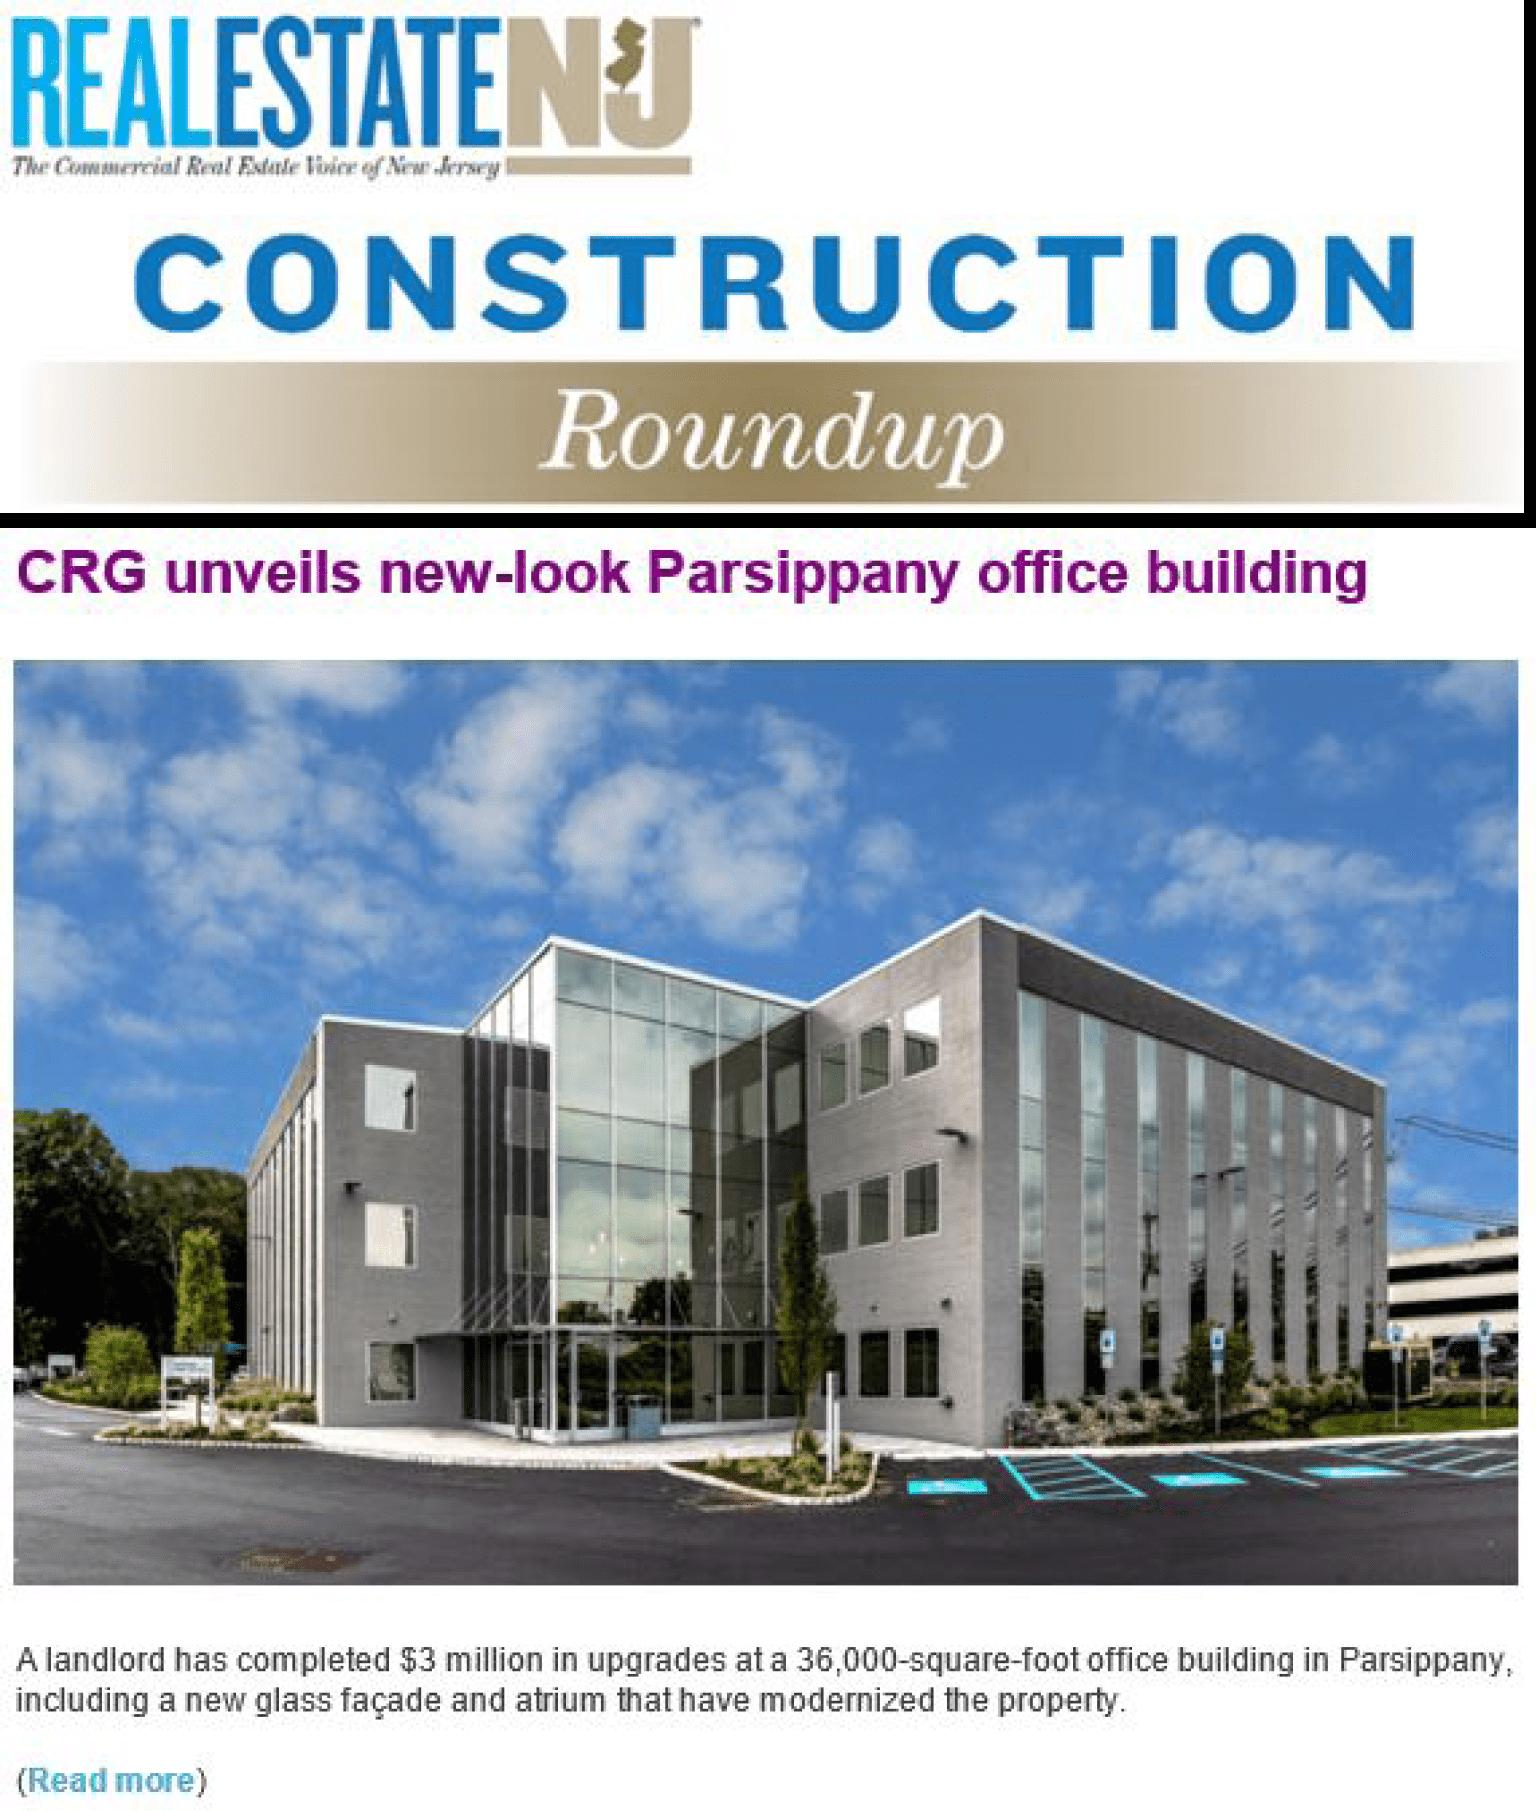 RENJ-ConstructionArticle